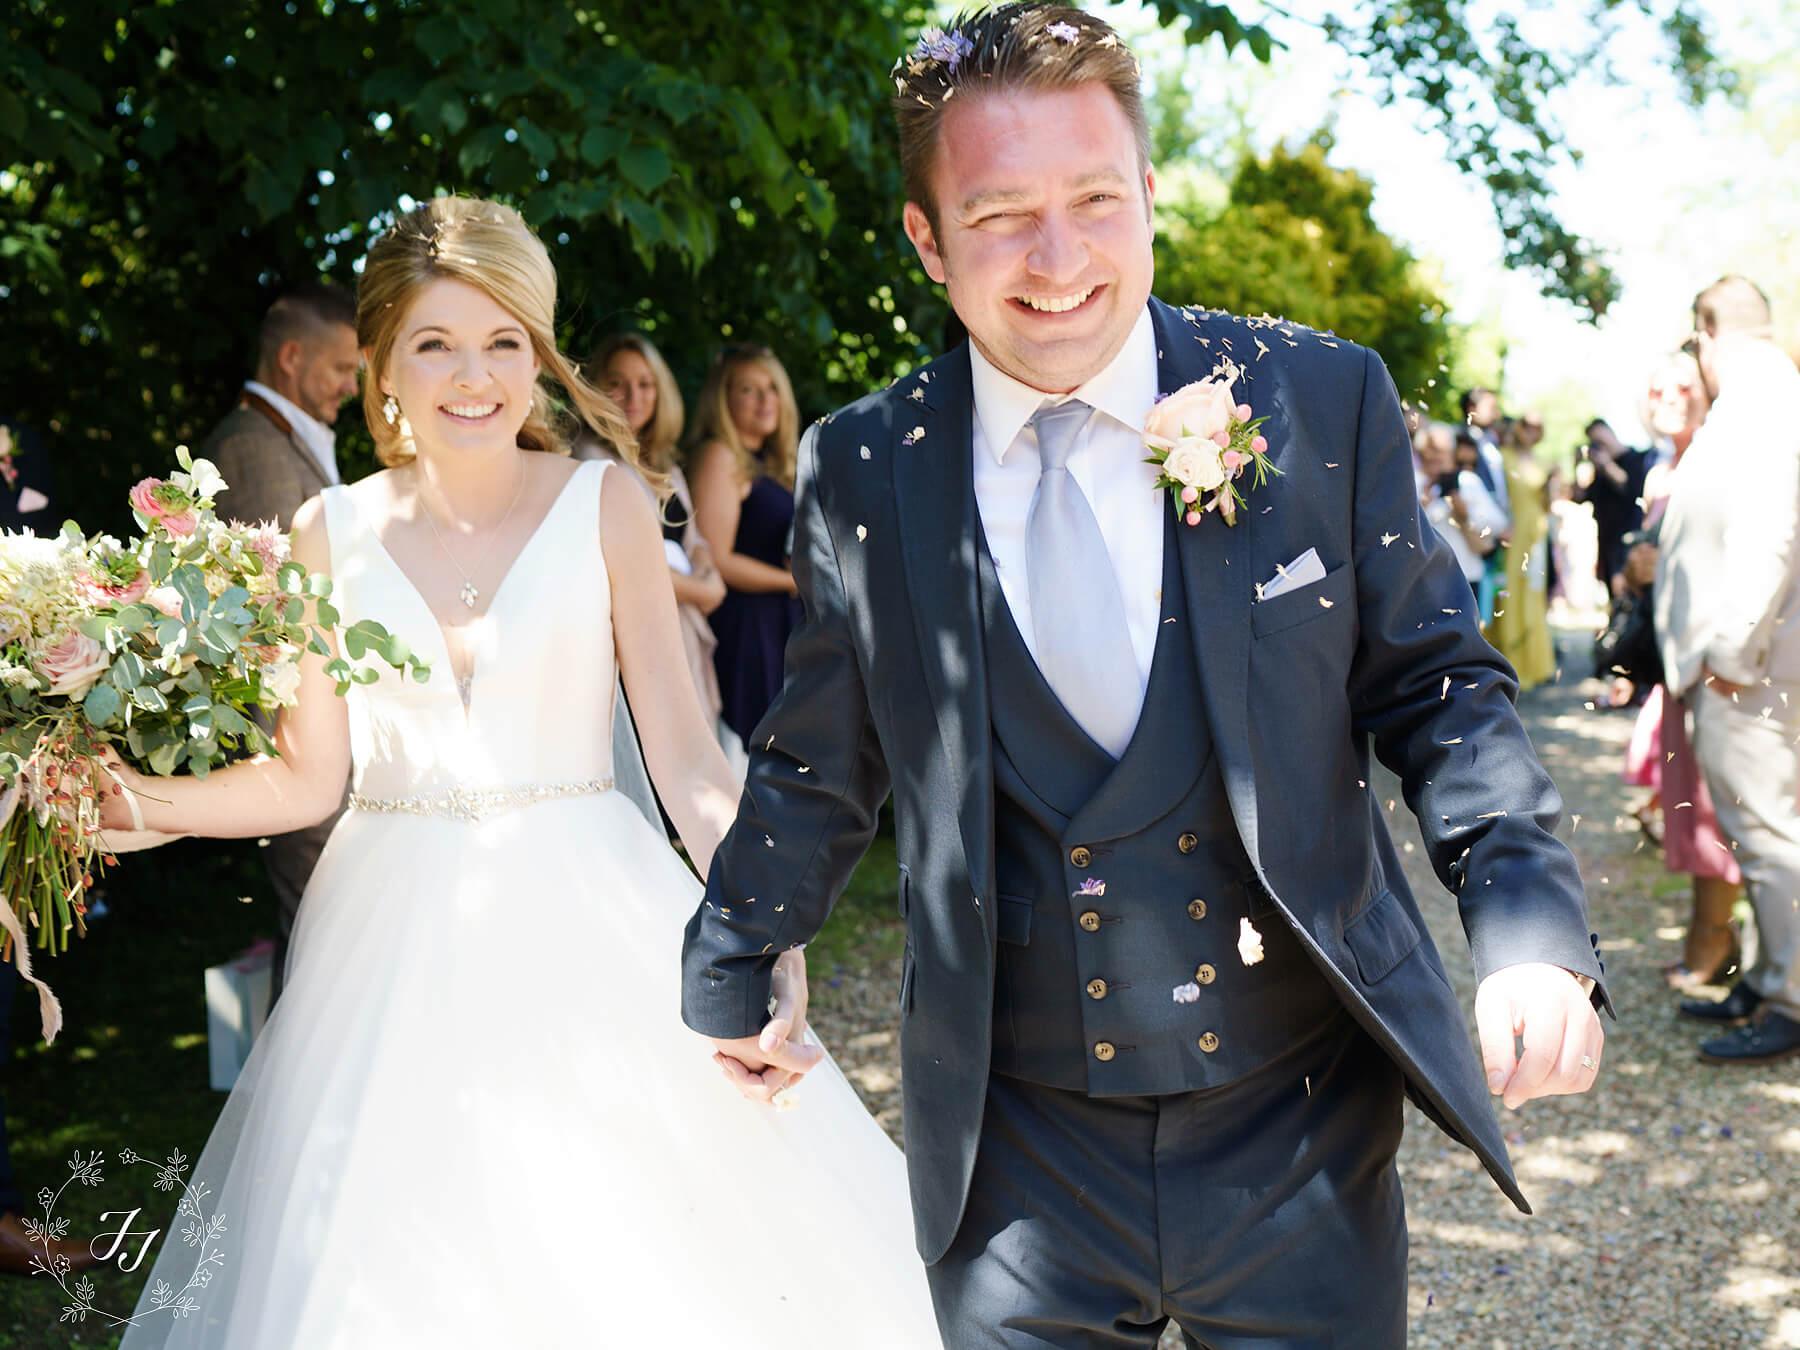 Victoria_Rickies_wedding_photography_railway_barn